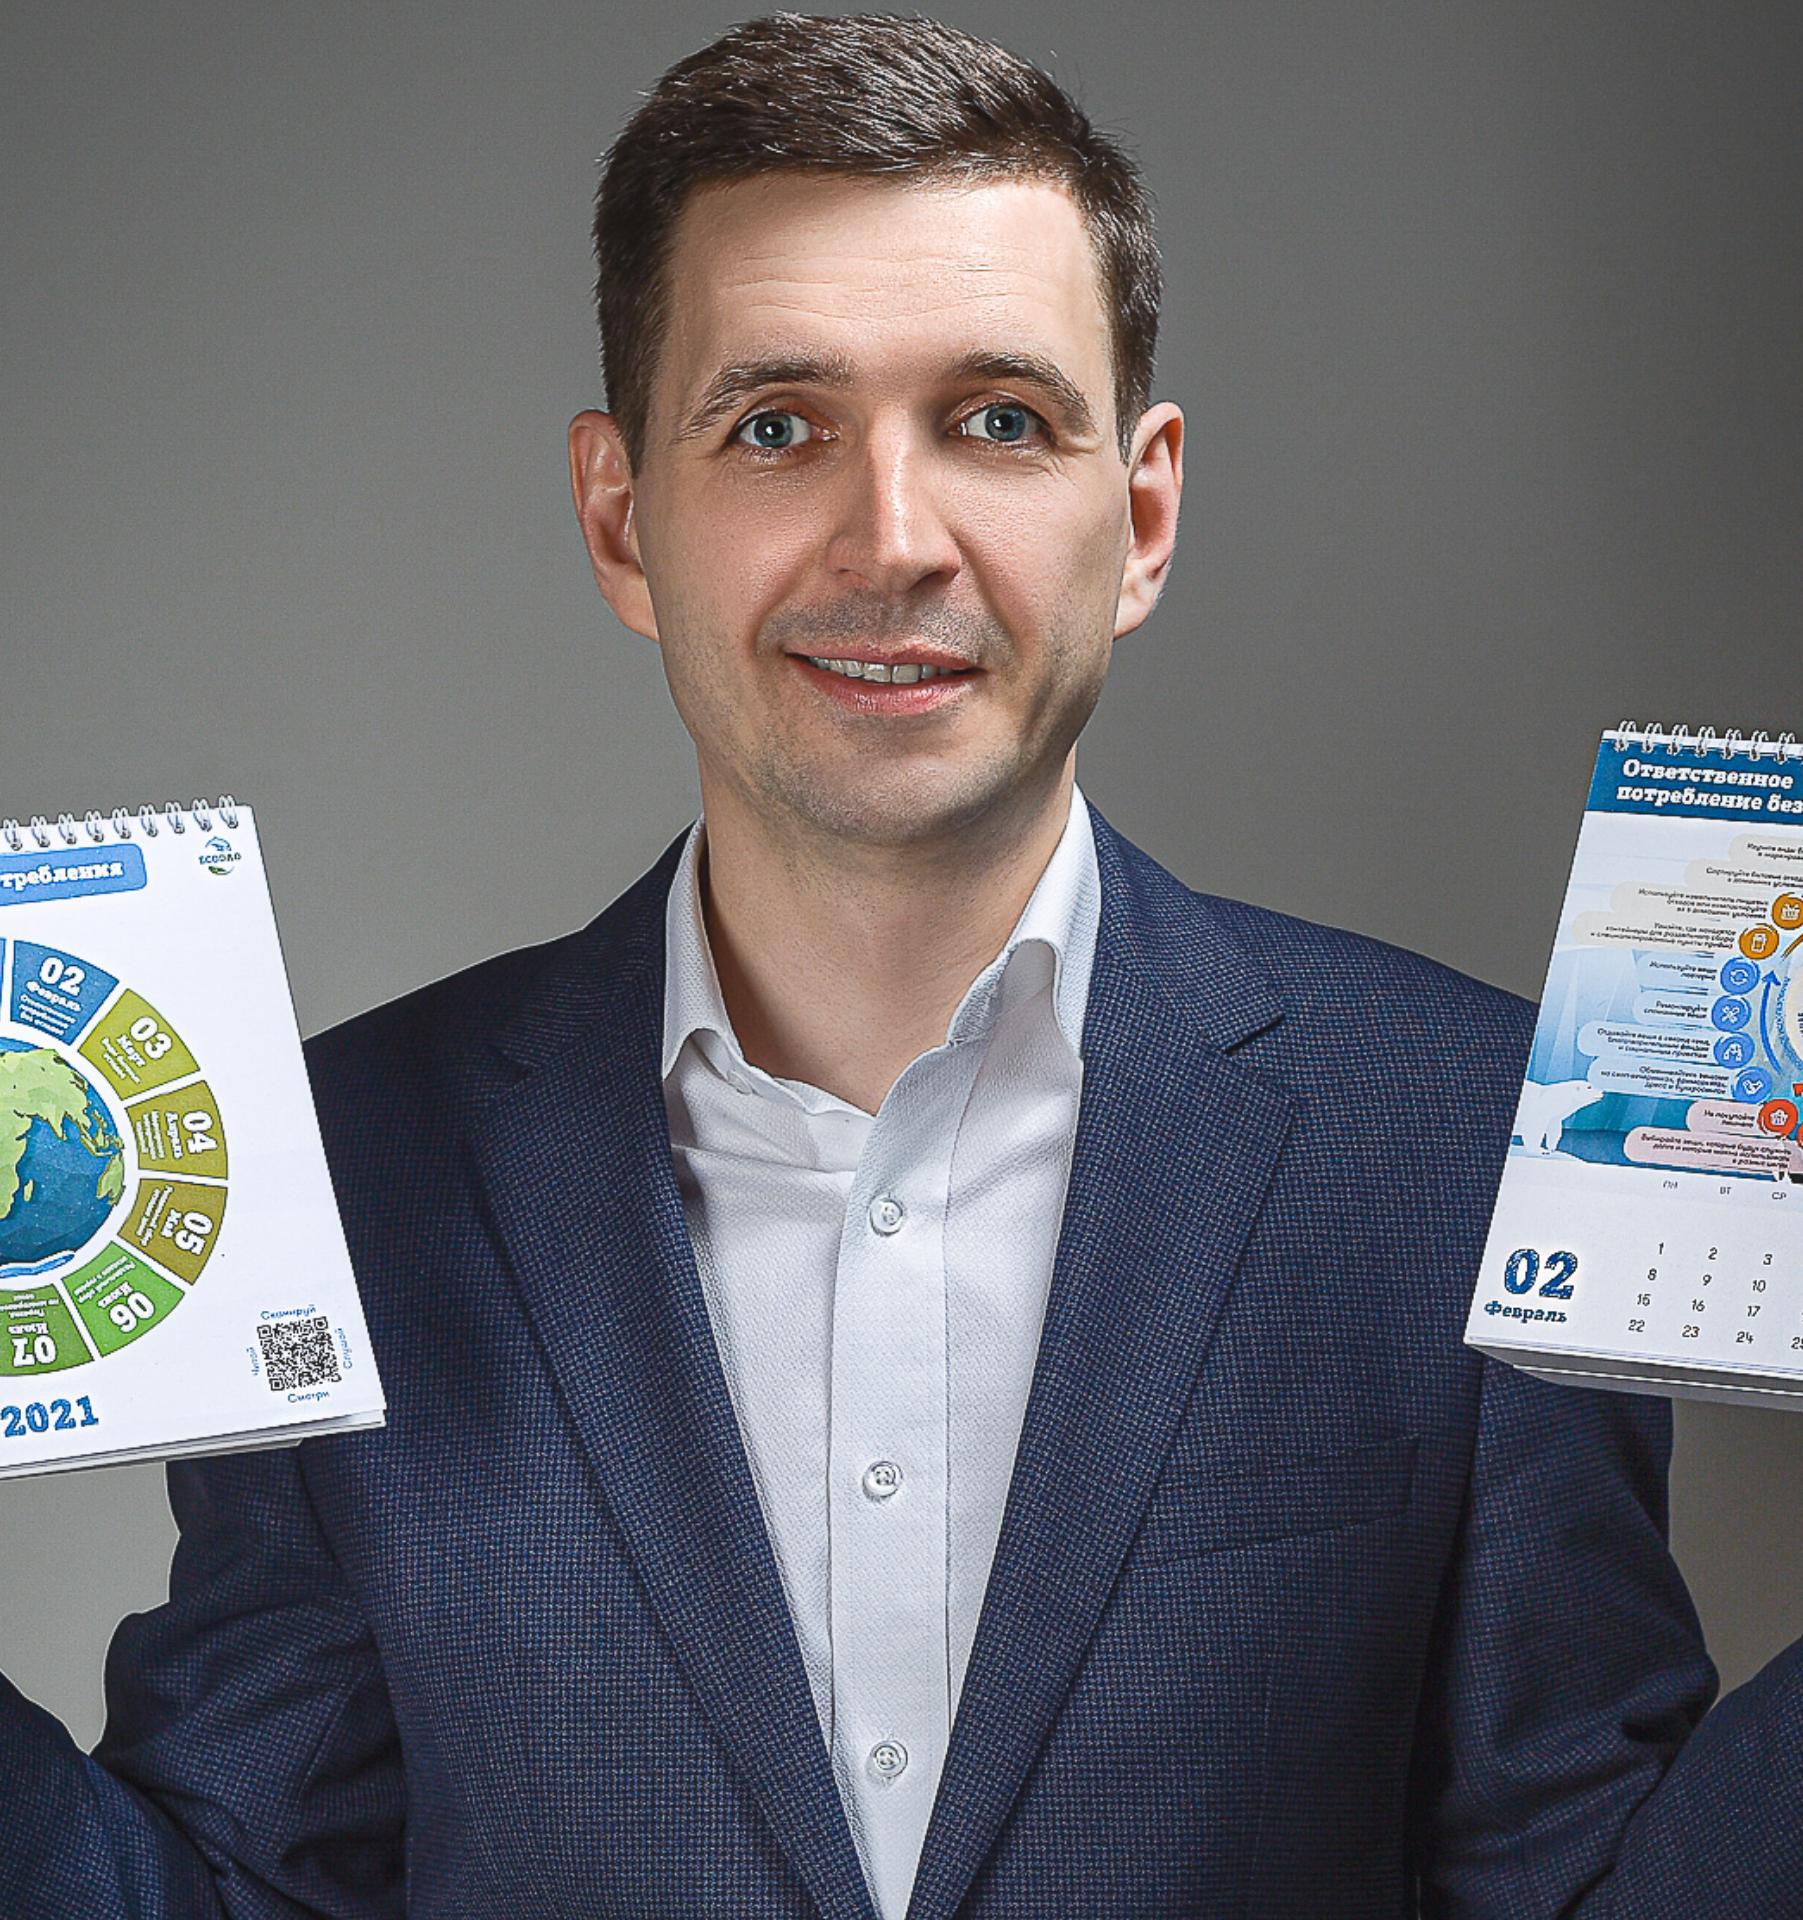 Зеленая команда: Юрий Сафронов и его «Экологичный путь»